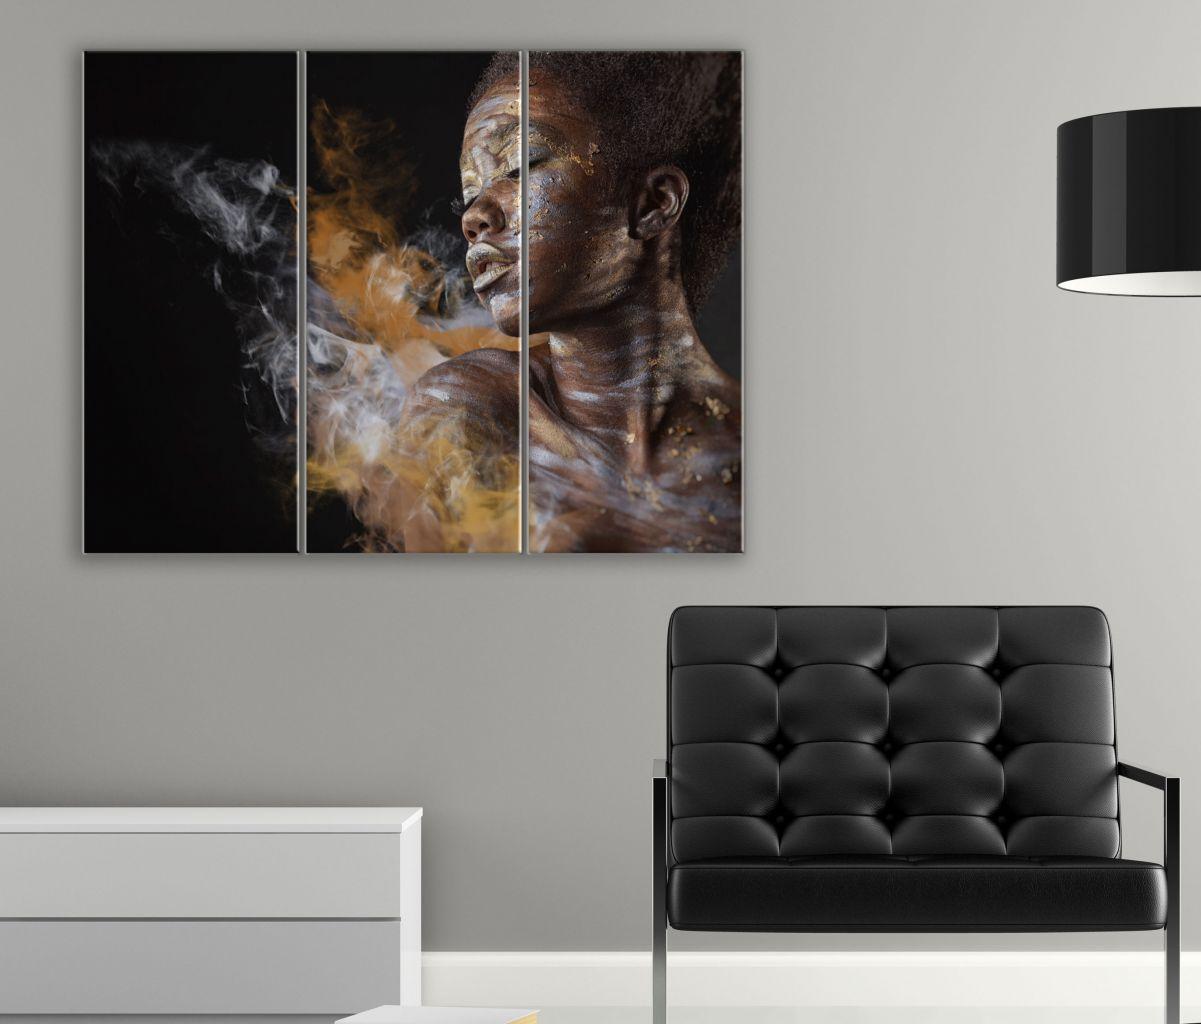 תמונת קנבס אומנותית אישה אפריקאית